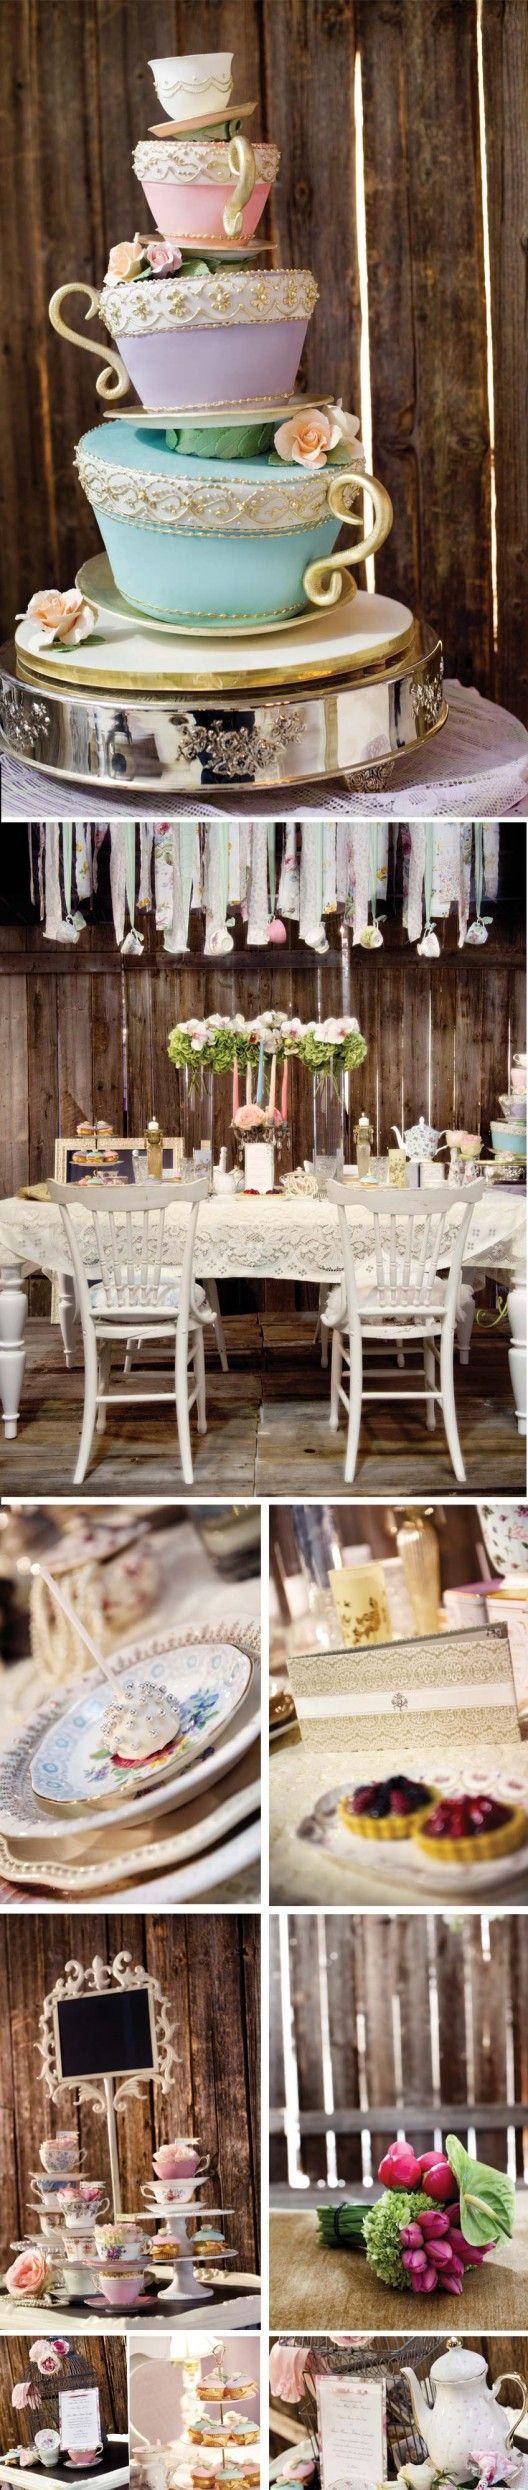 A Fairytale Wedding  http://elegantwedding.ca/2011-10-13/inspiration/a-fairytale-wedding/